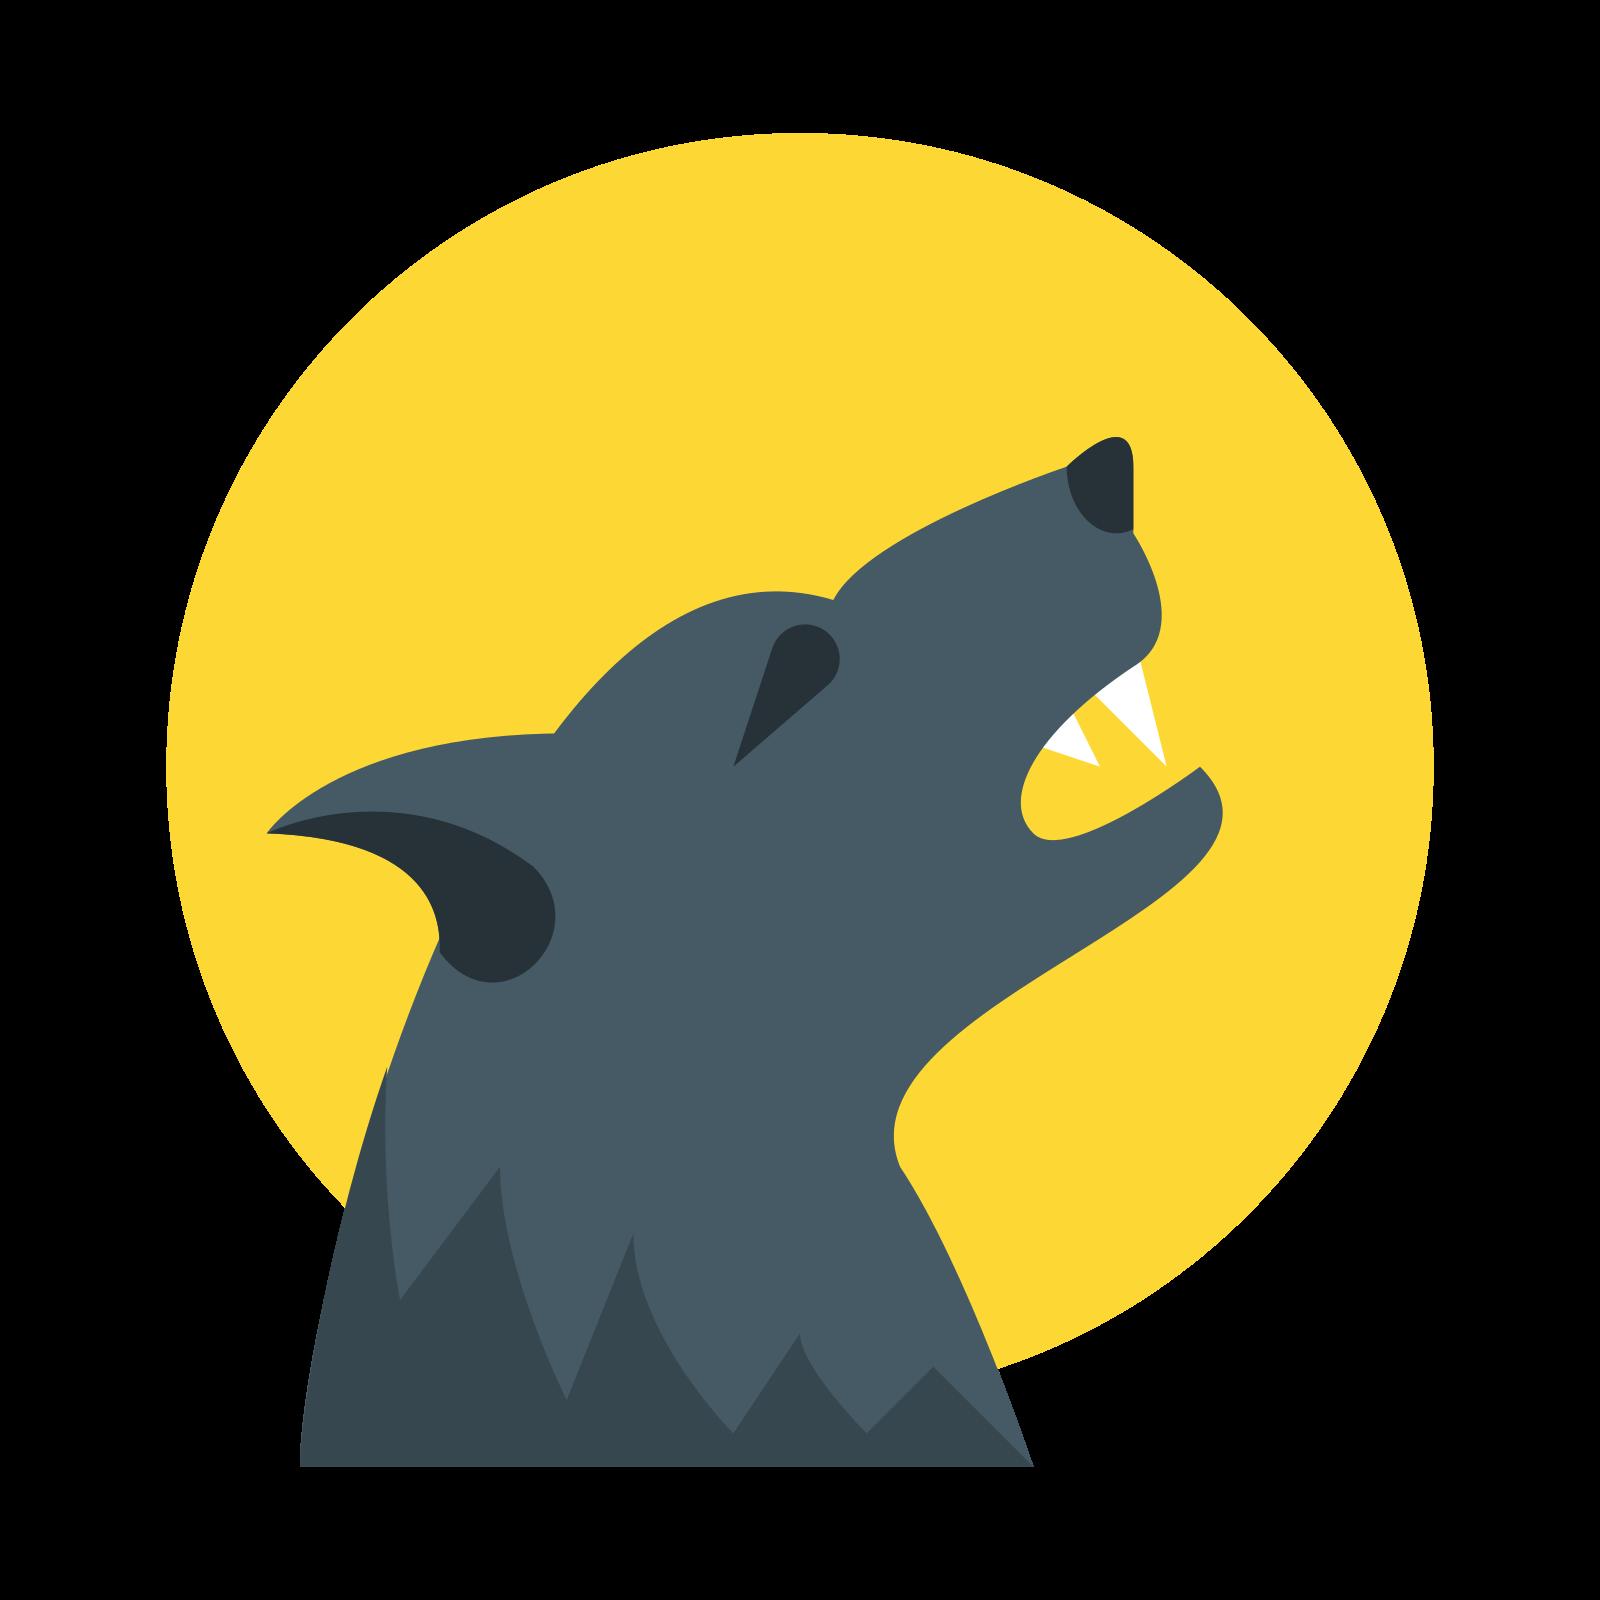 Wilkołak icon